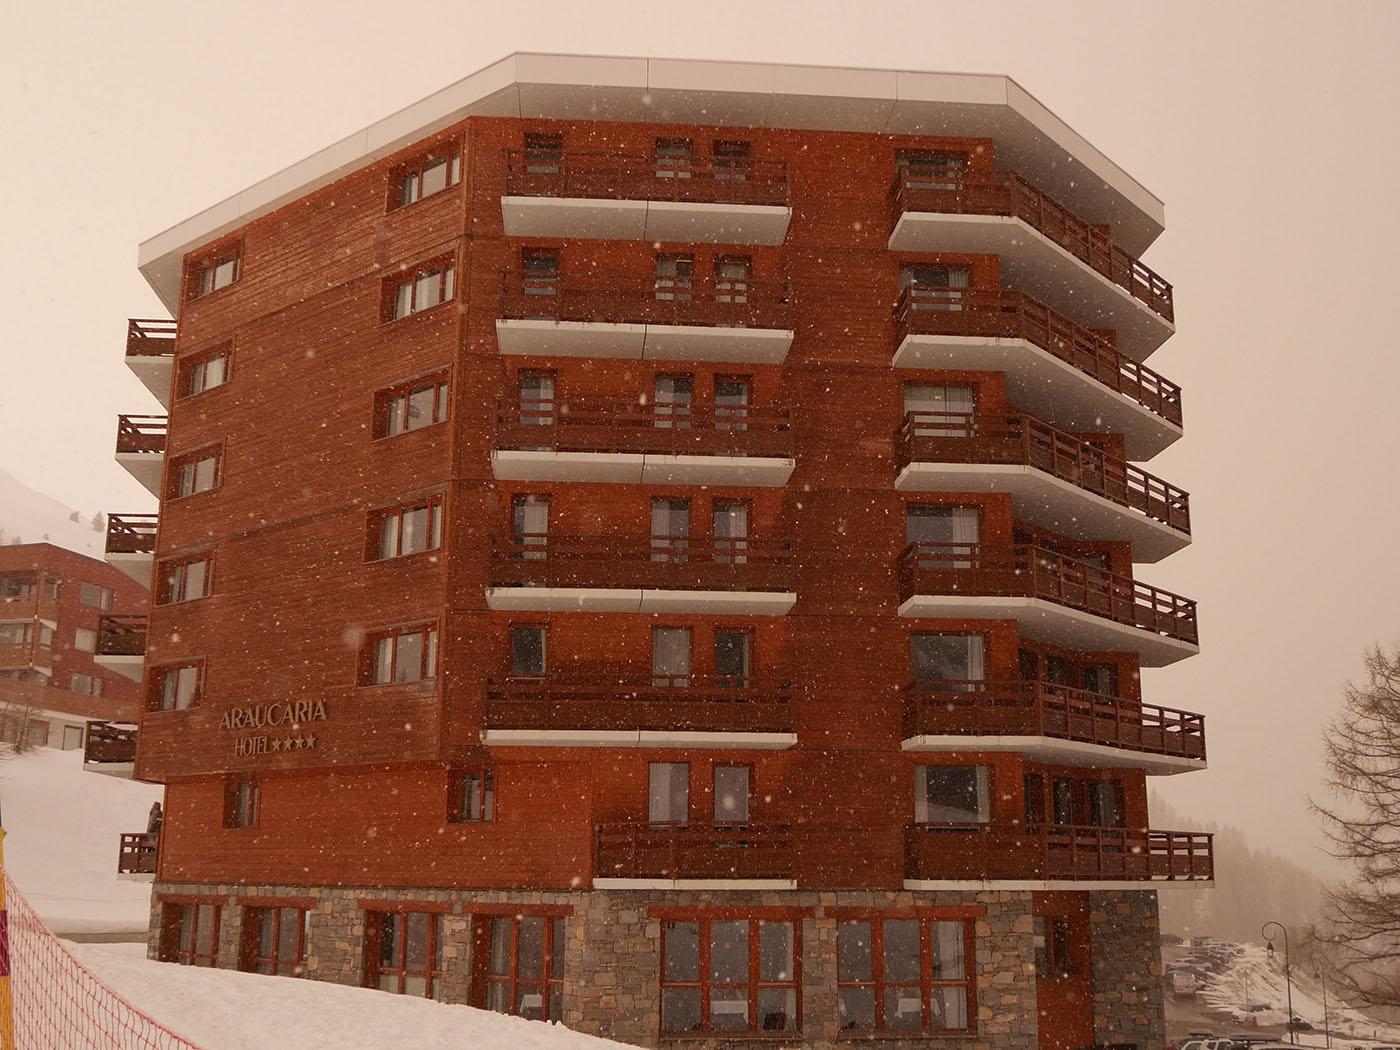 Hotel Araucaria & Spa de La Plagne sous la neige lors de vacances au ski au mois de mars